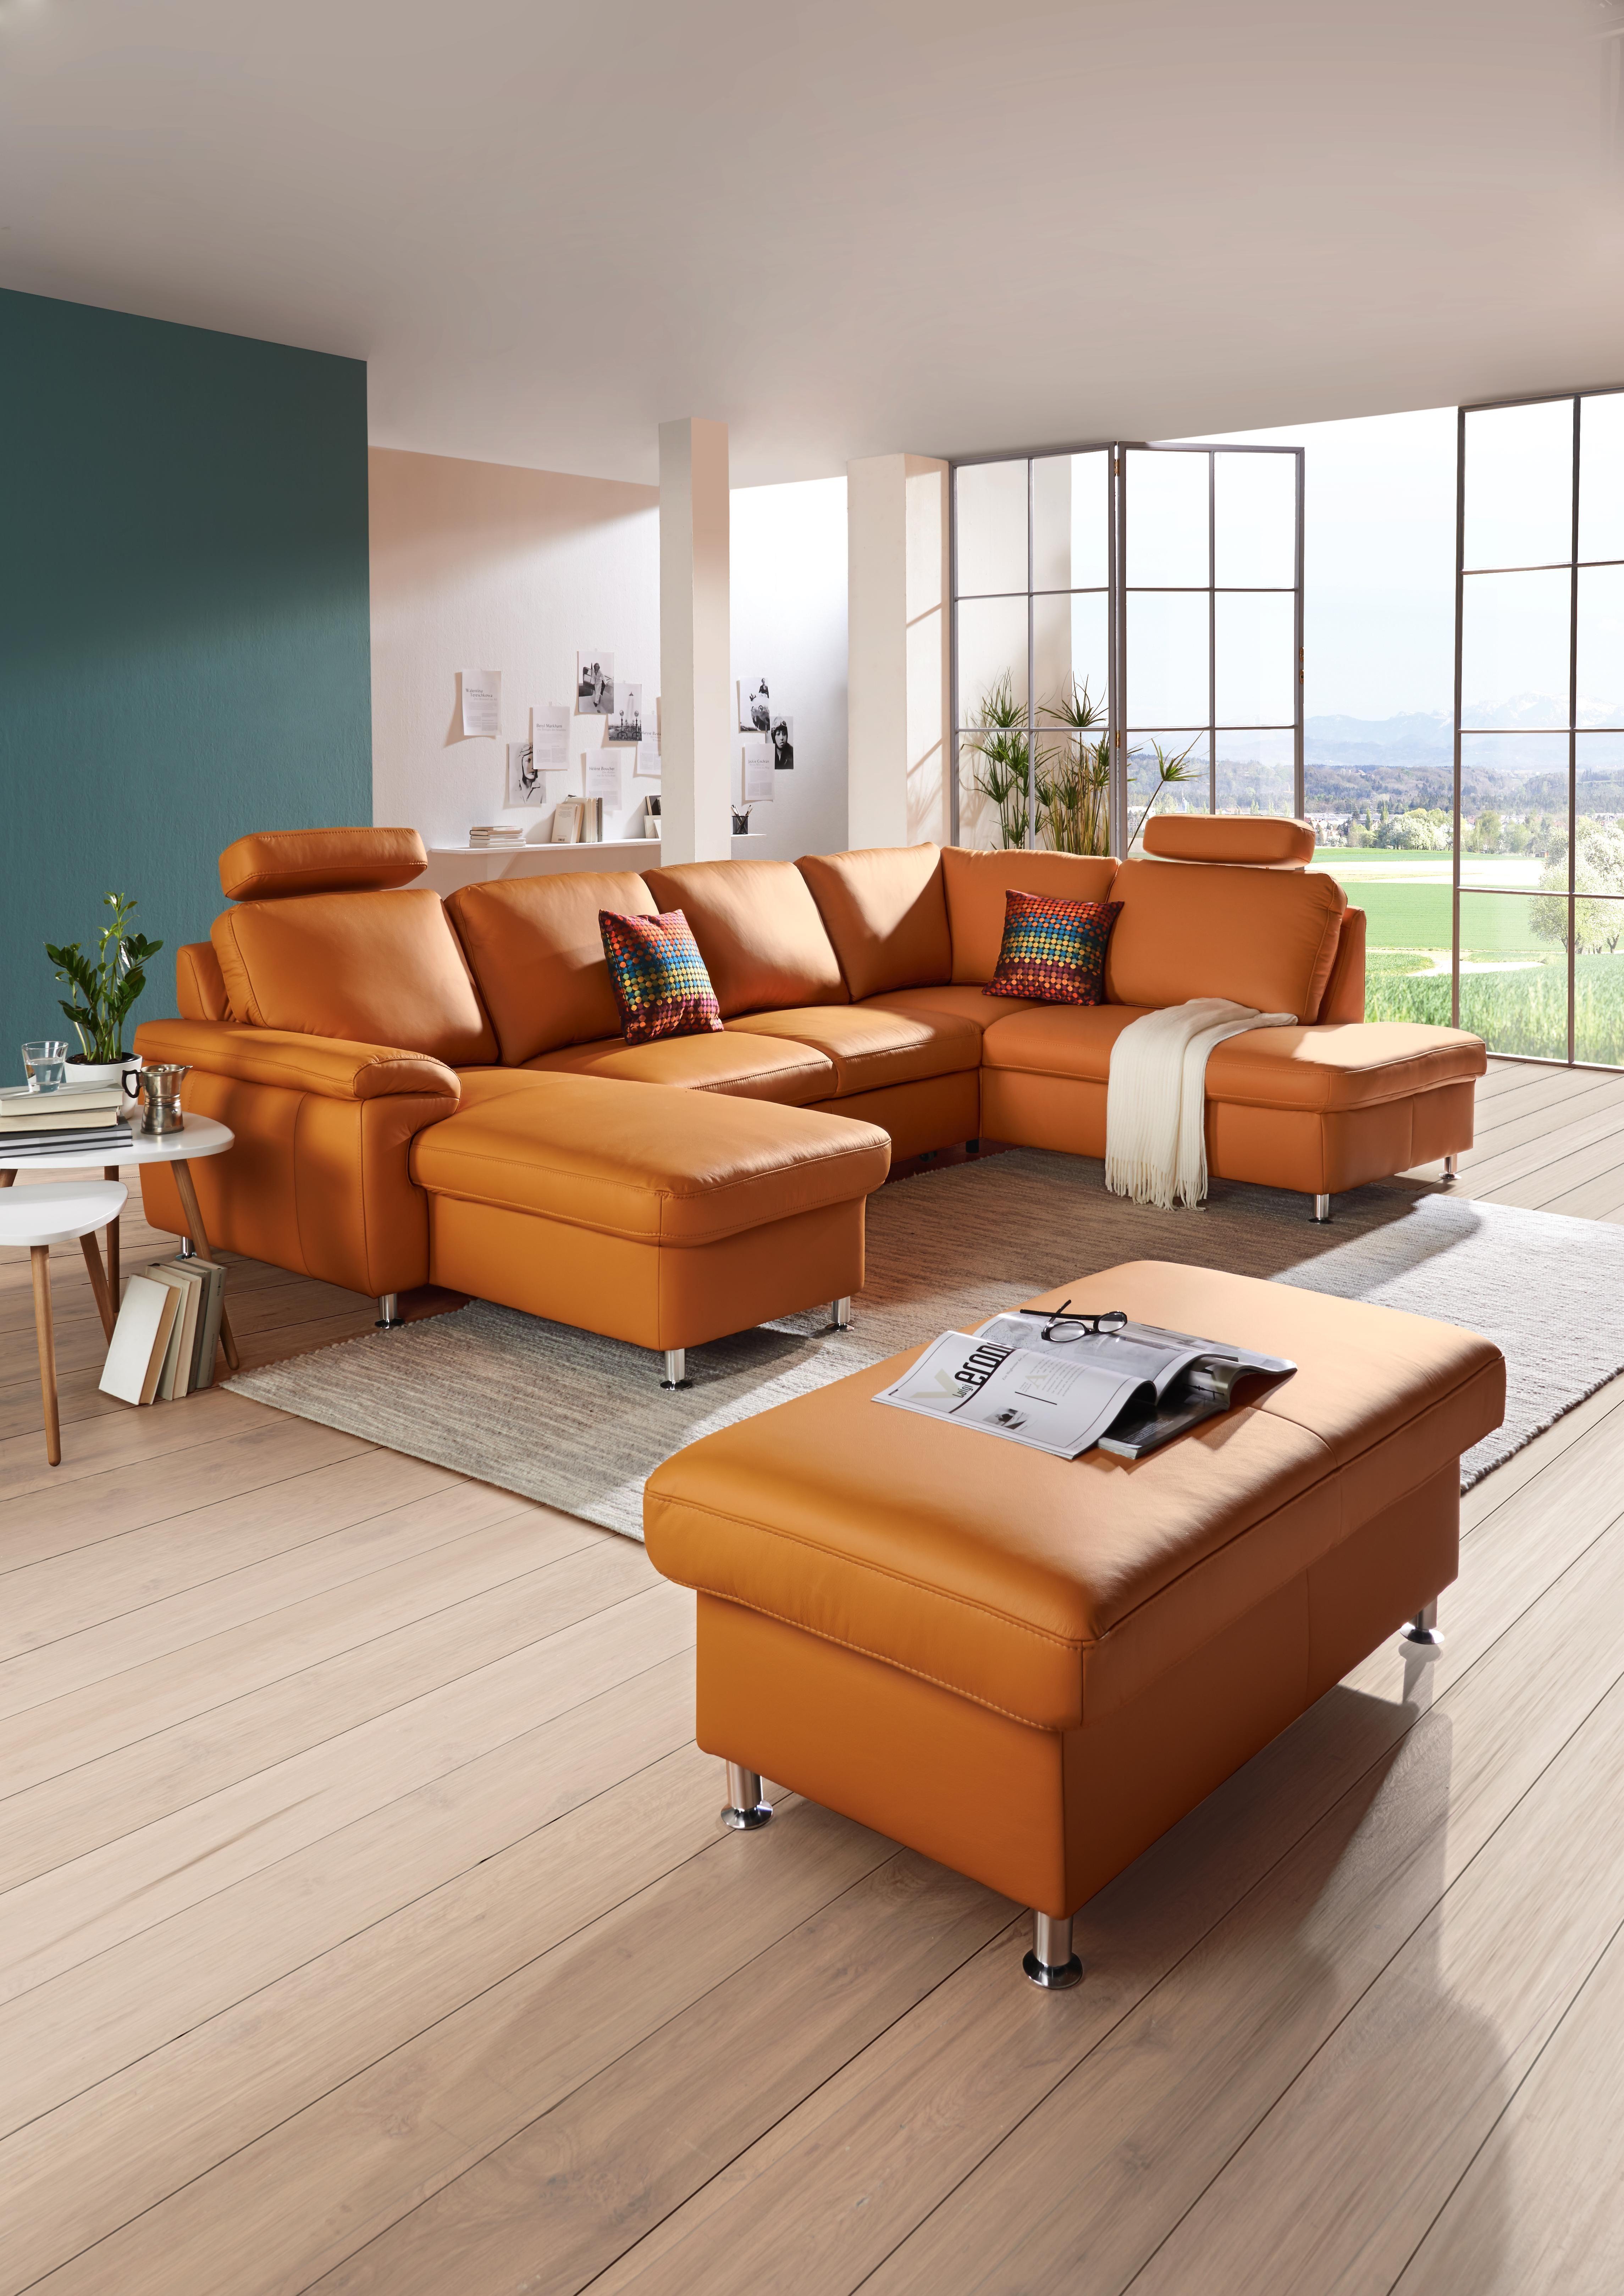 Farbe Fur S Wohnzimmer Die In Orange Gefarbte Wohnlandschaft